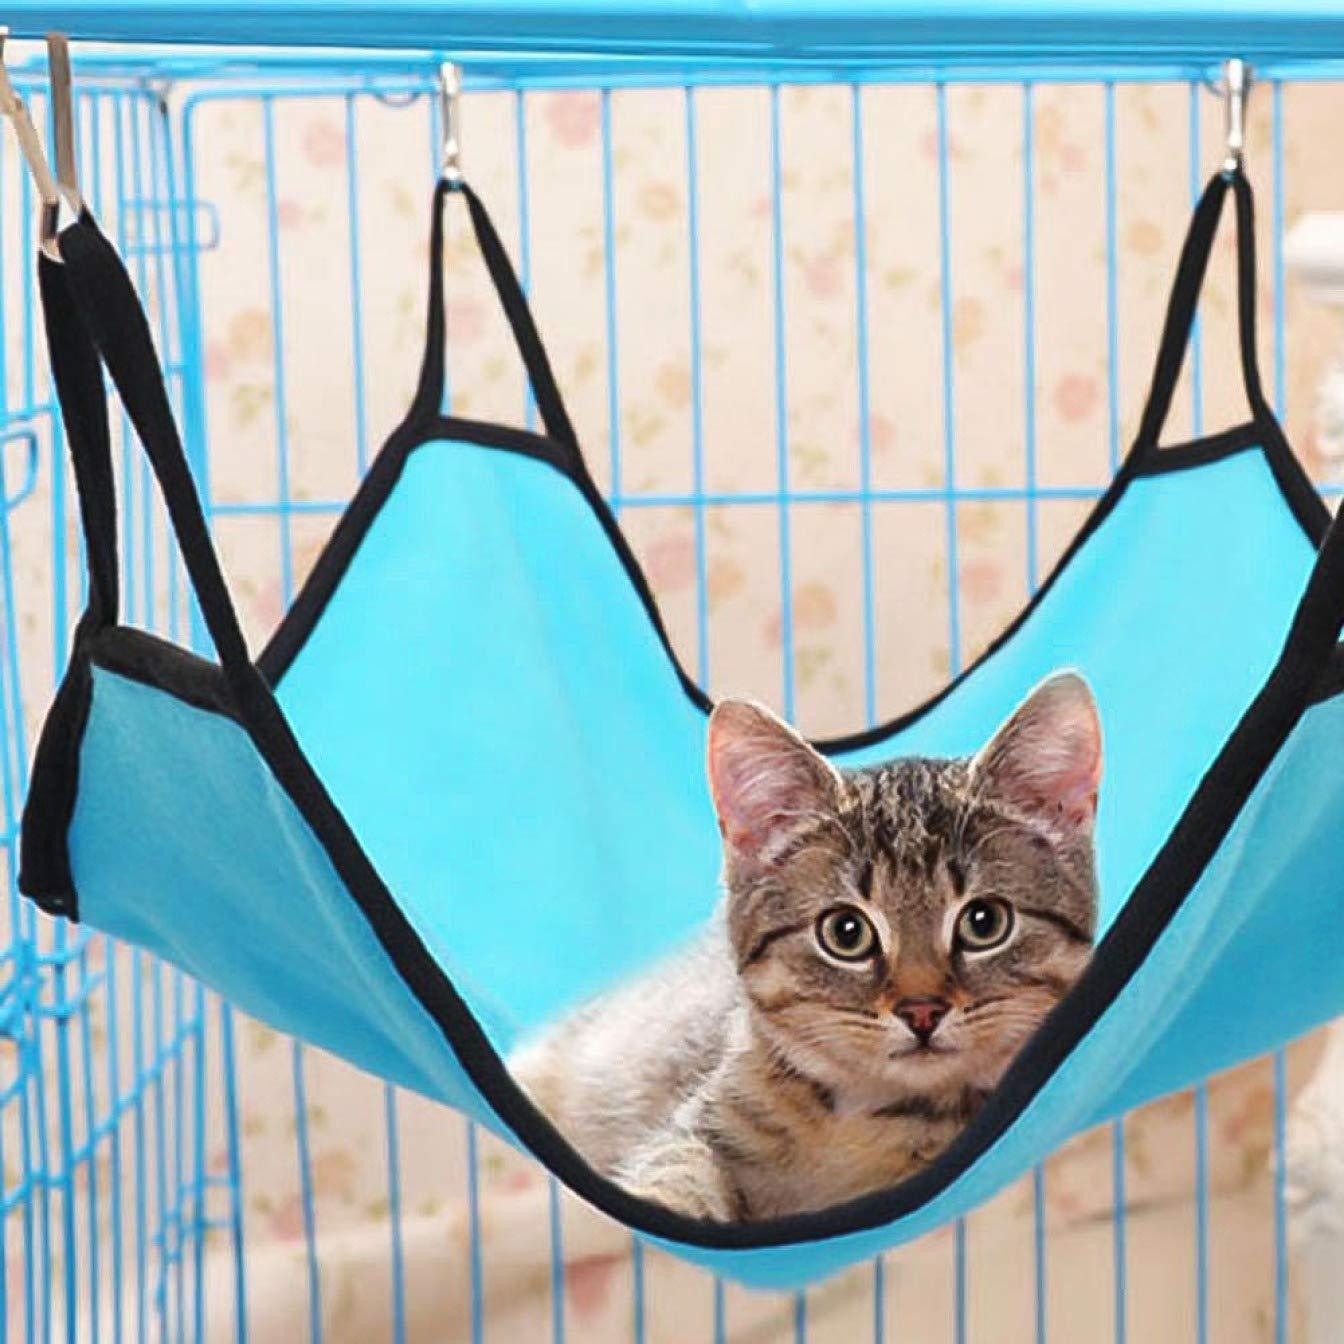 Wanda Johnny Housse de lit pour Animal Domestique Rat Lapin Furet Chinchilla Chat Chien Animal Hamac